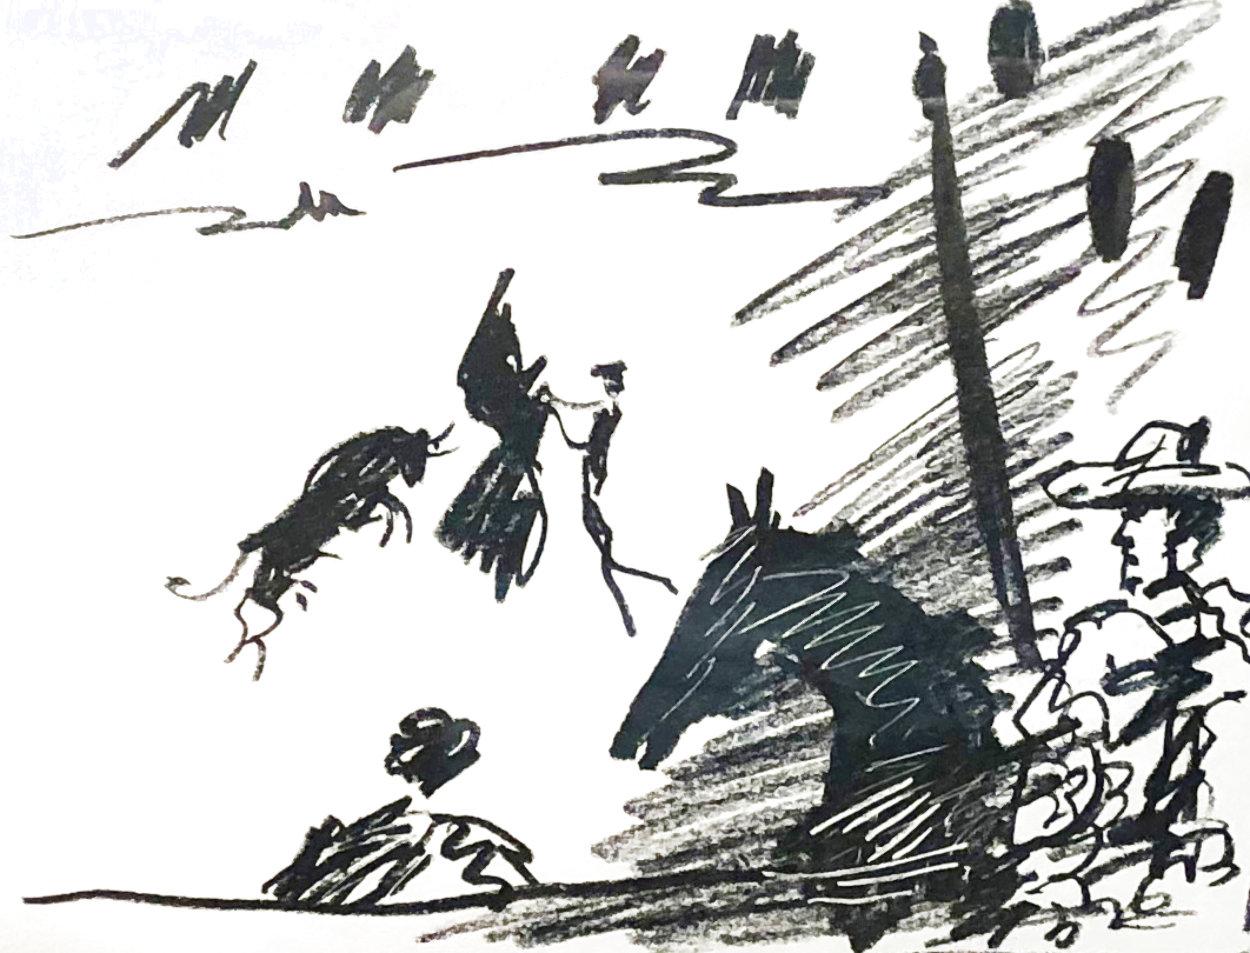 Jeu De Cape 1961 Limited Edition Print by Pablo Picasso